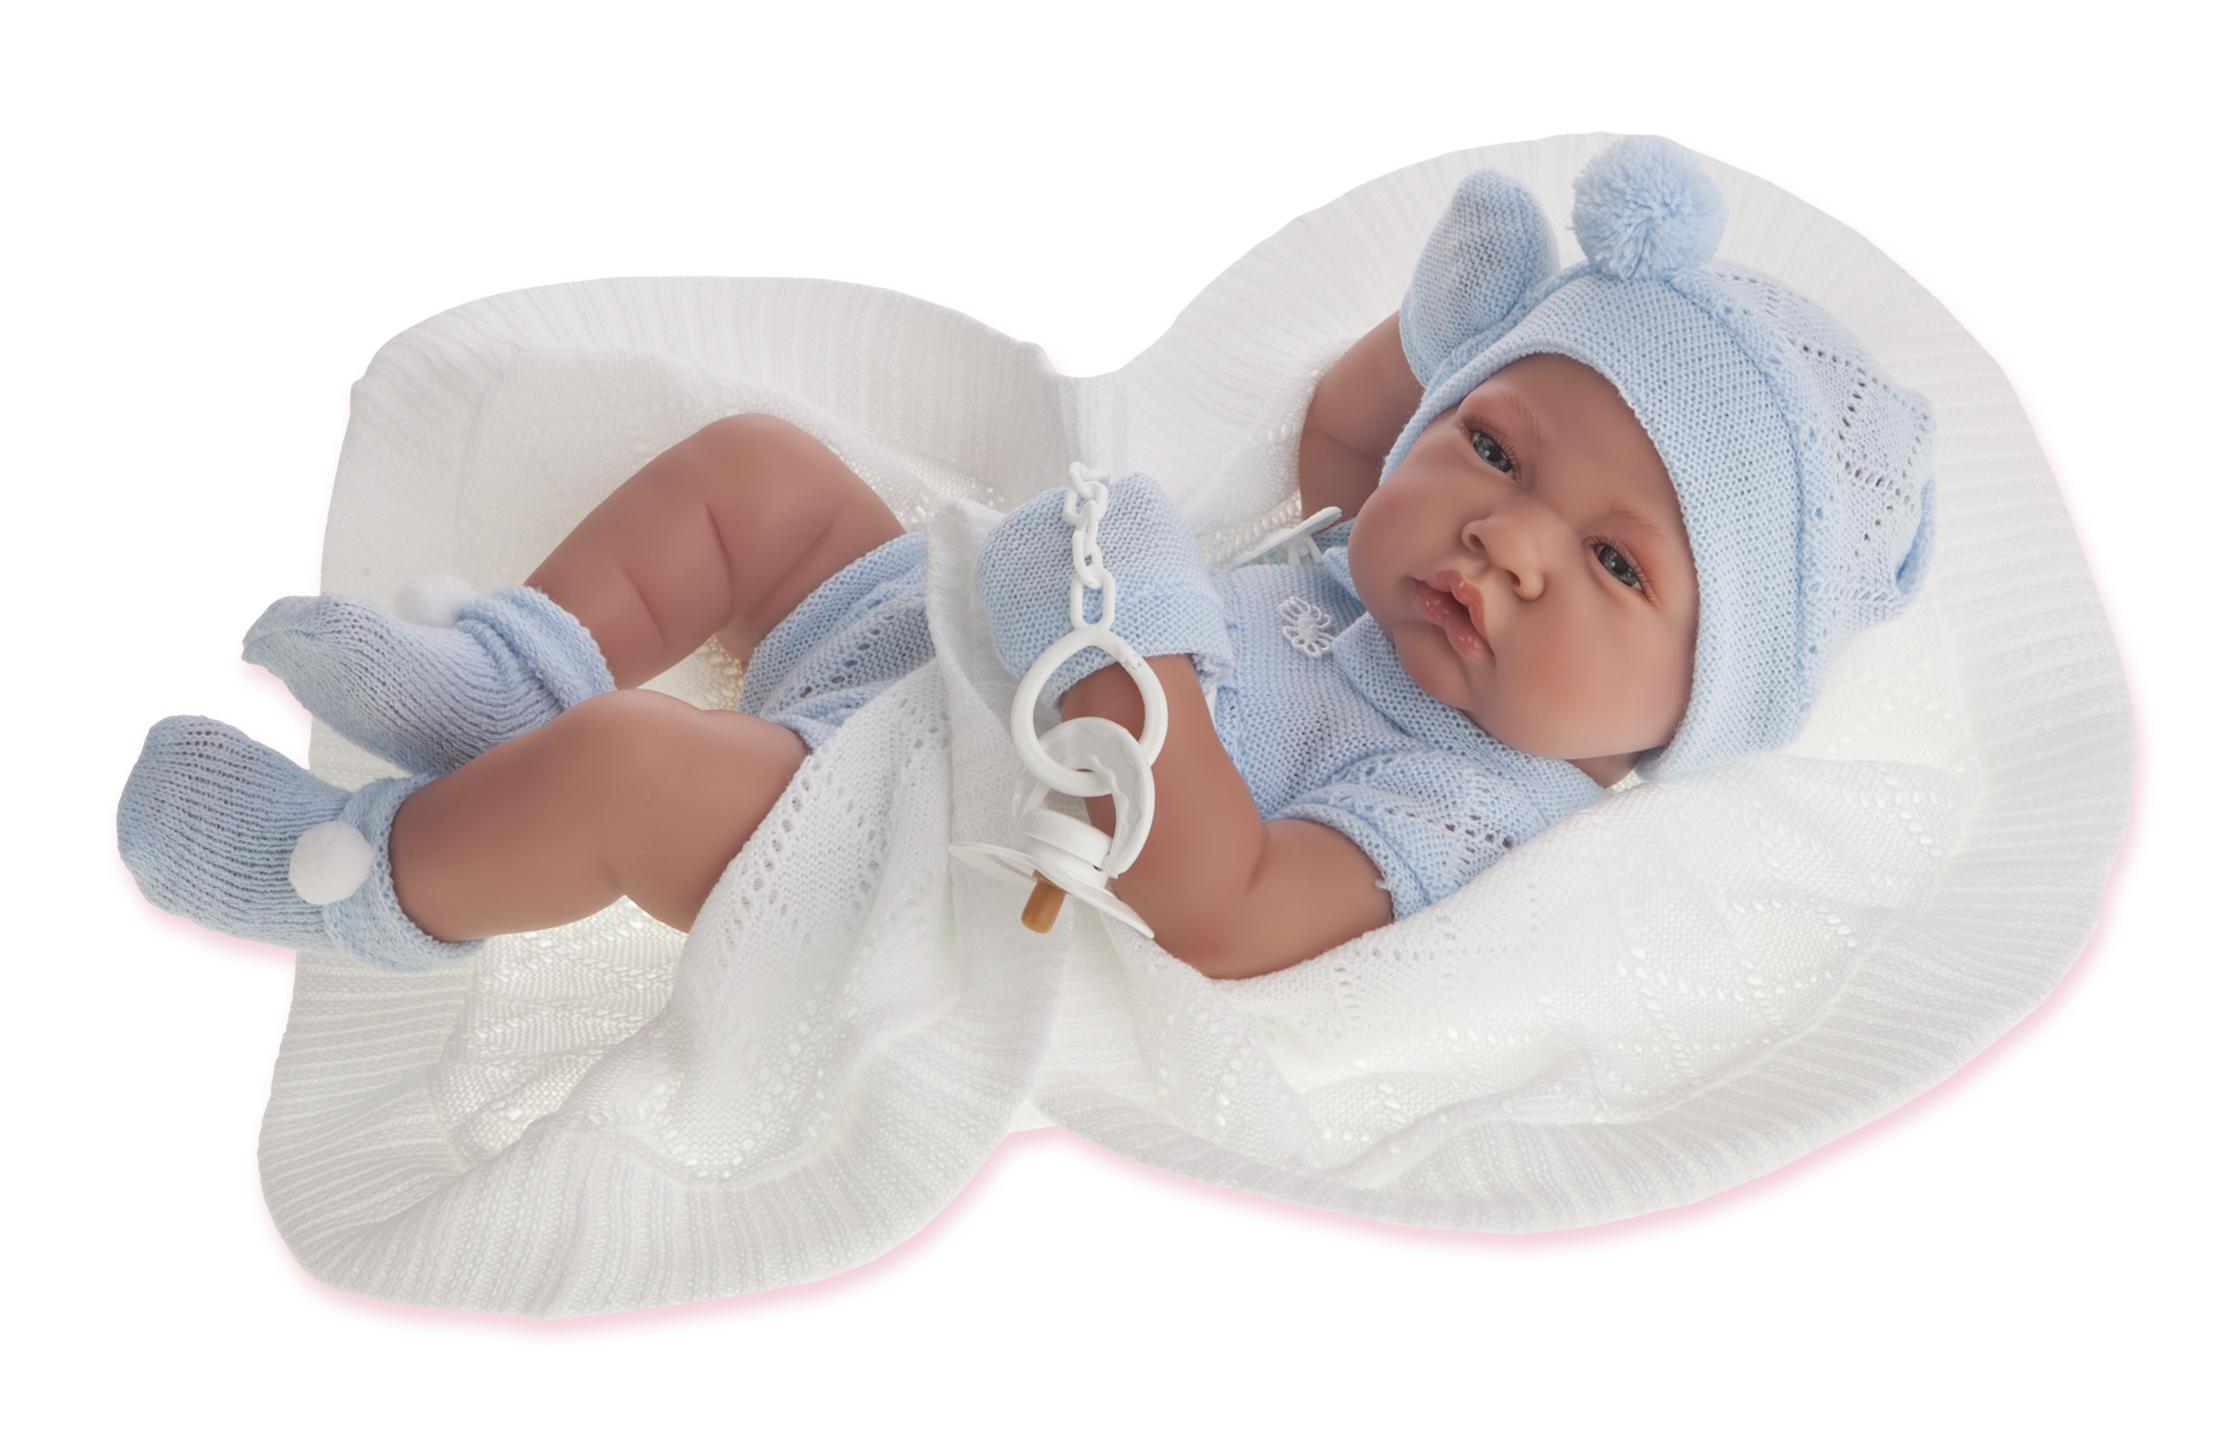 Antonio Juan Кукла-младенец Тони (мальчик) в голубом,42см